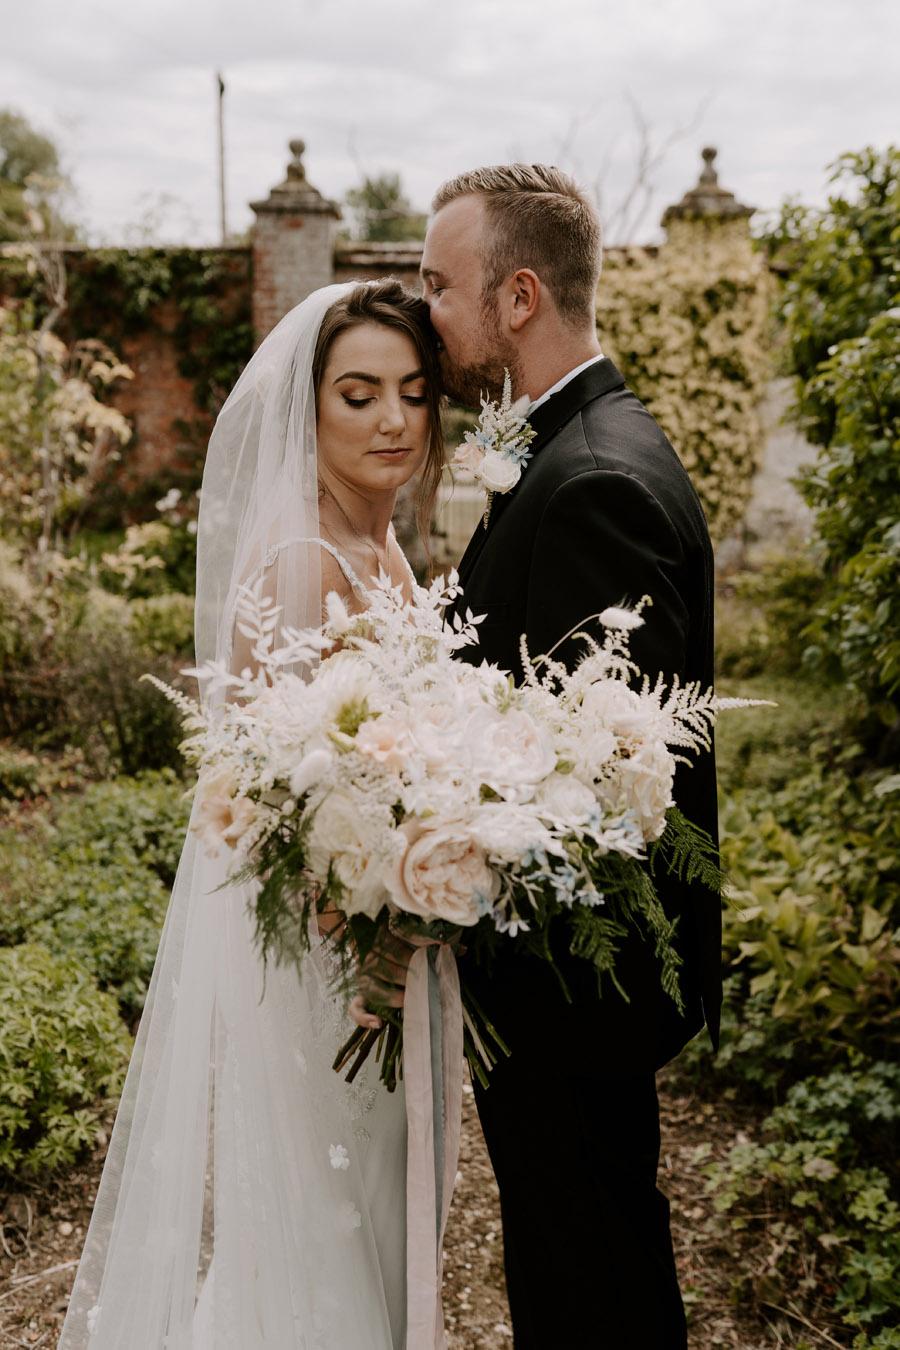 Classic and Stately – Edmondsham House wedding inspiration, image credit Jack Aldridge Photography (7)